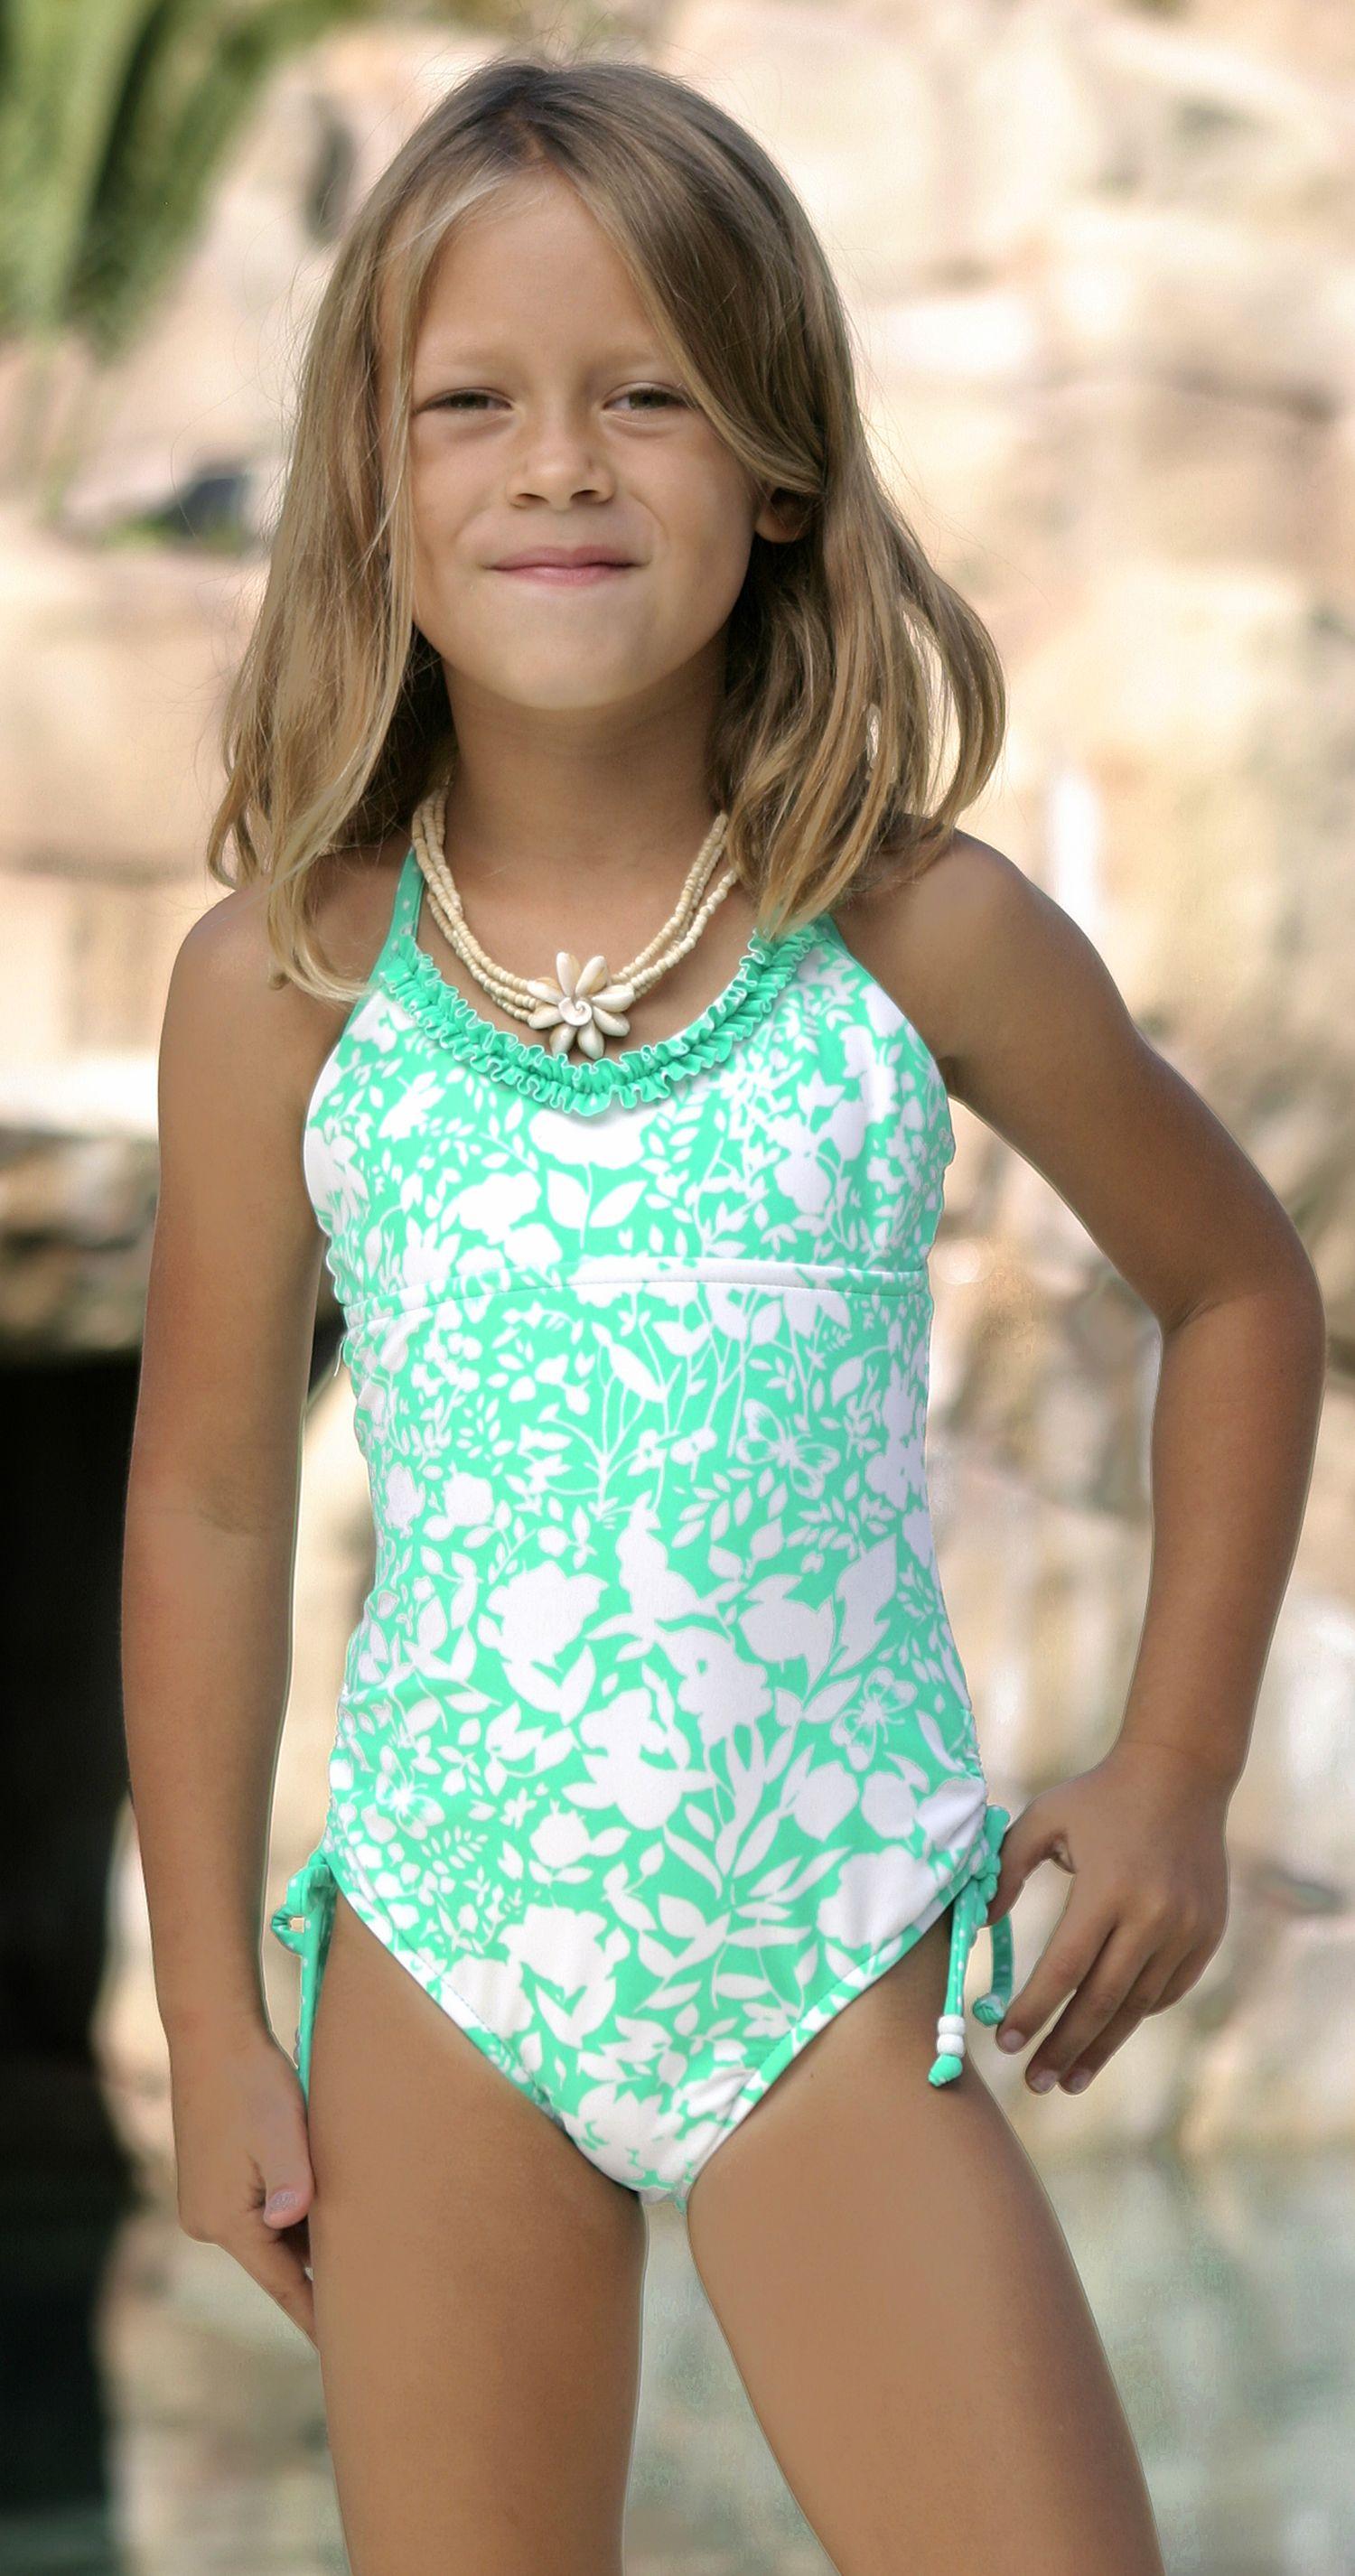 www.pointconception.com Girl's swimwear | 2014 swimwear ...